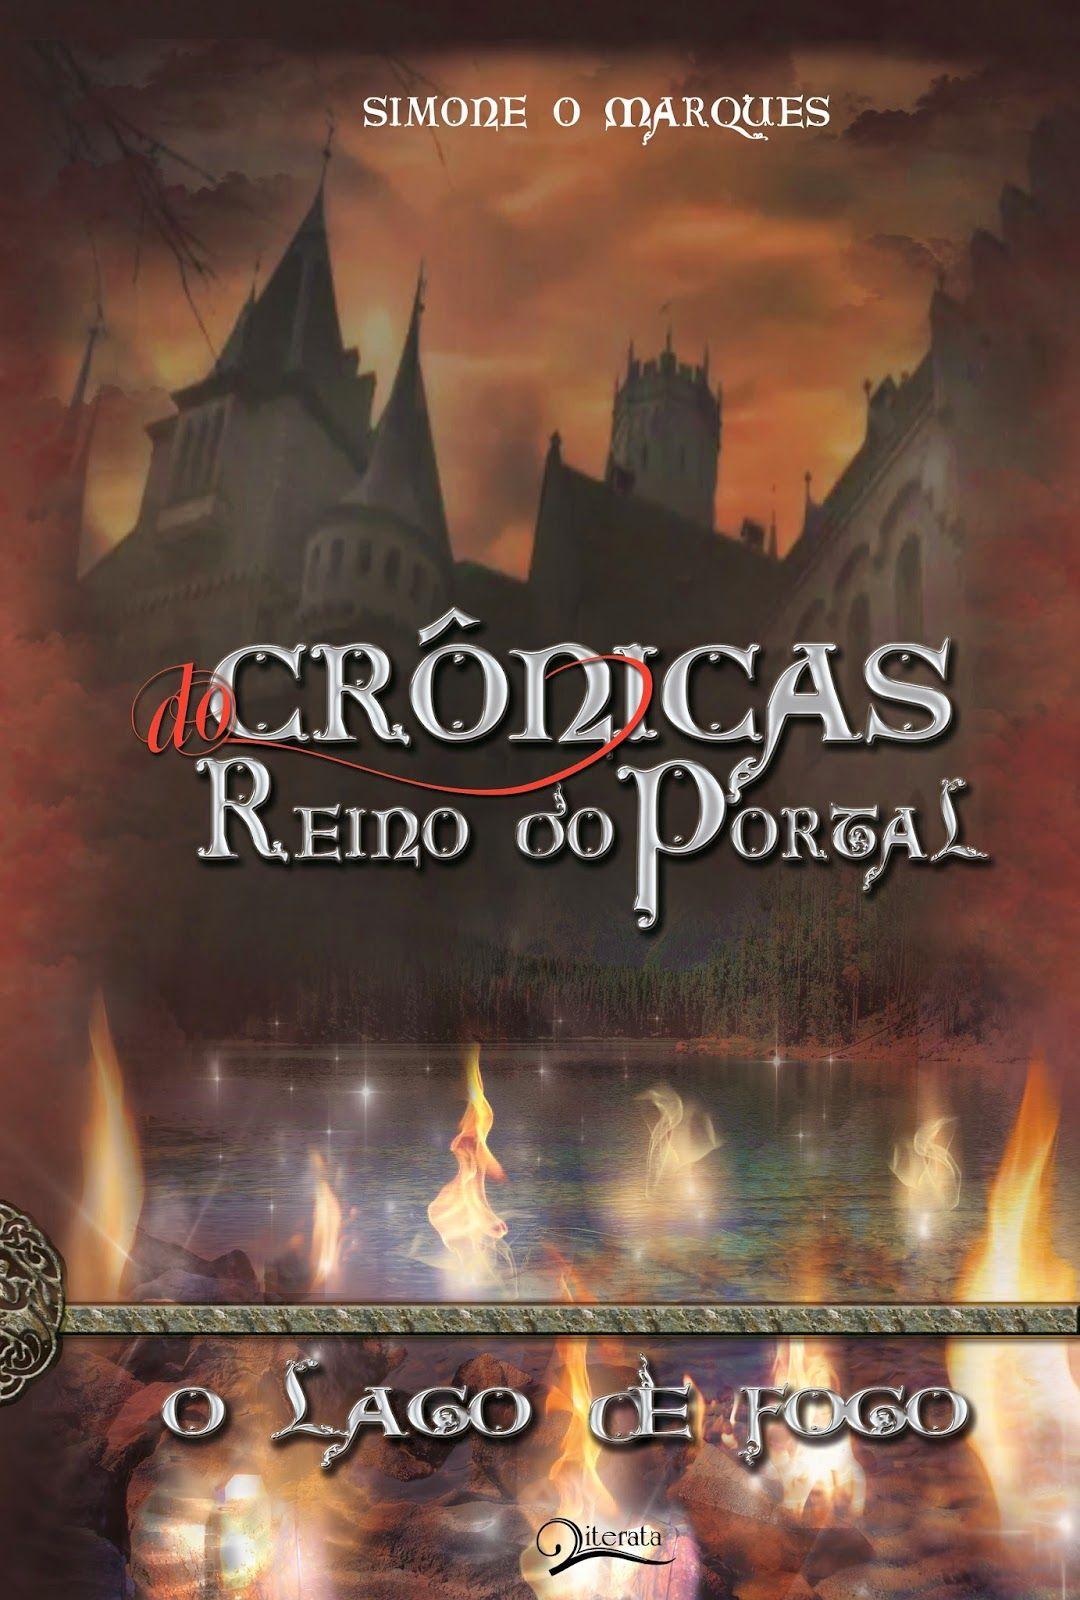 O Lago de Fogo (Crônicas do Reino do Portal - 2) - Simone O Marques. 1a edição